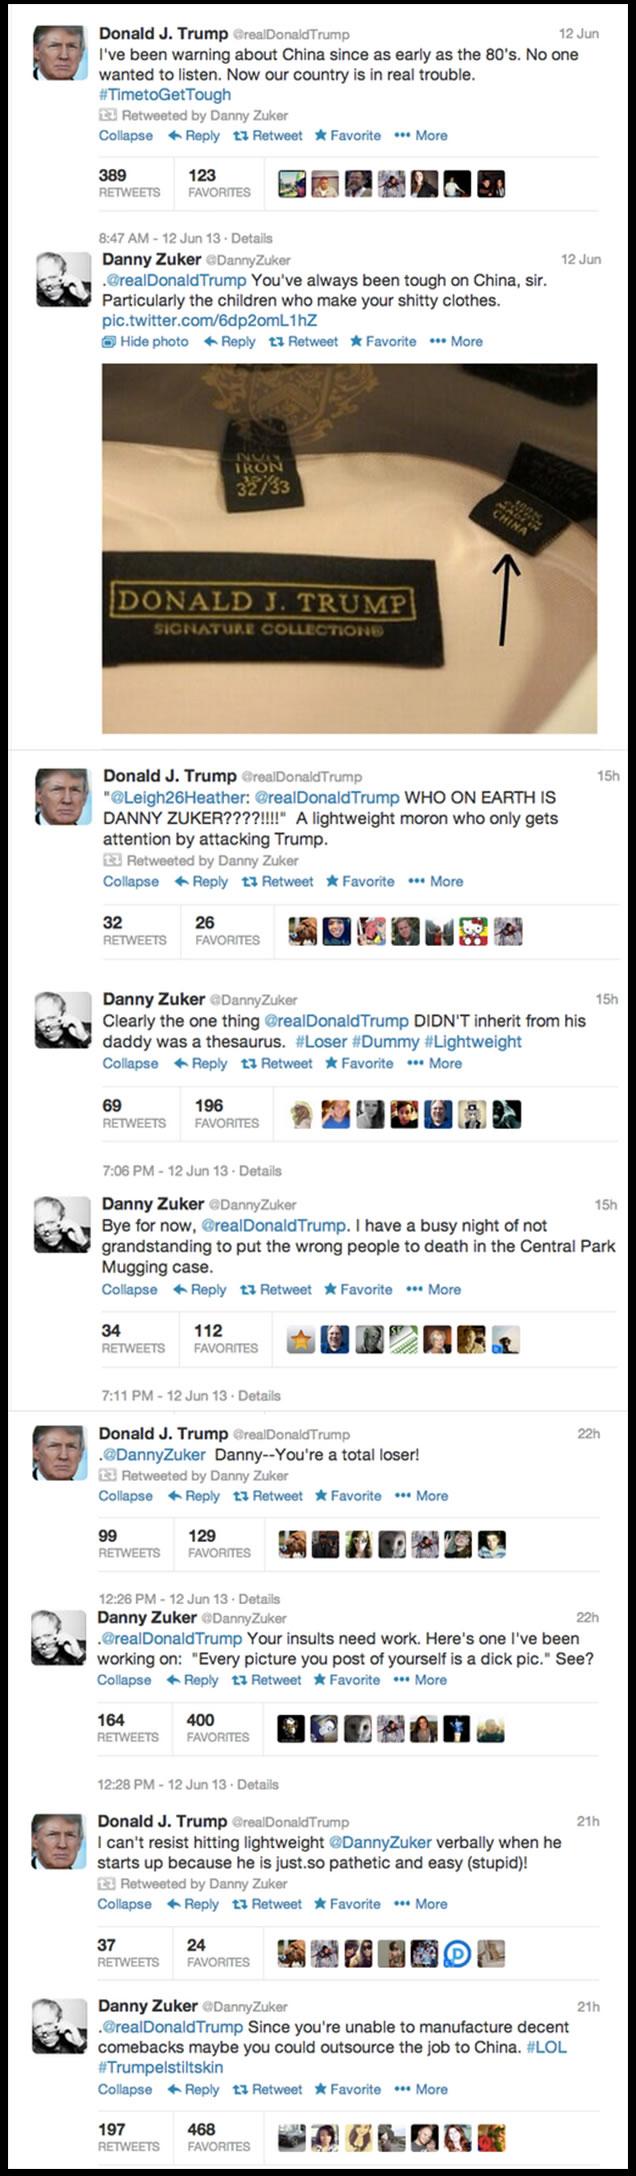 donald-trump-vs-danny-zucker